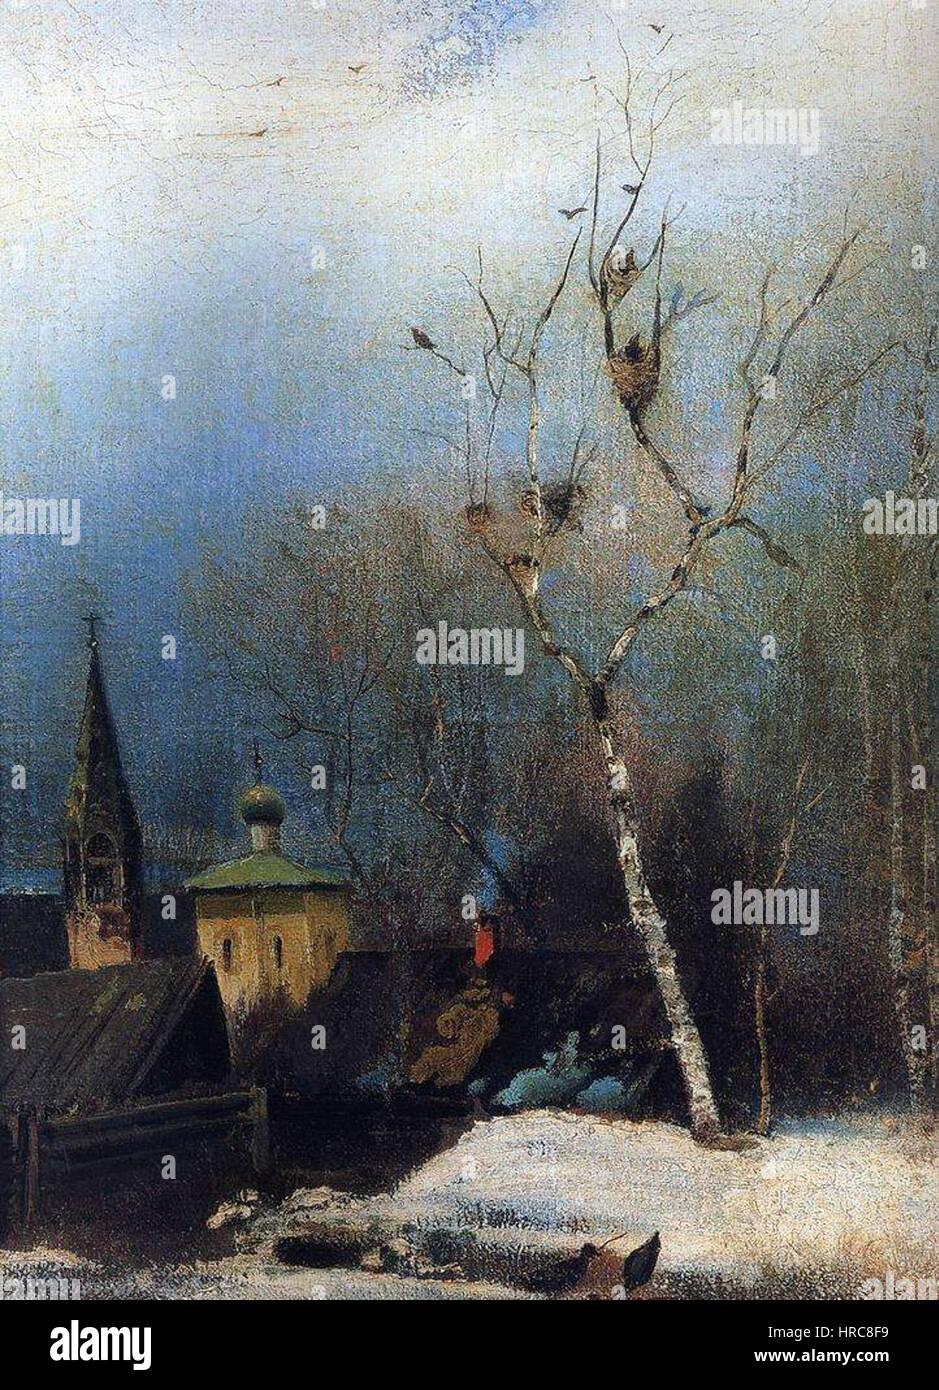 Savrasov.Vesna.1880-1890-s - Stock Image